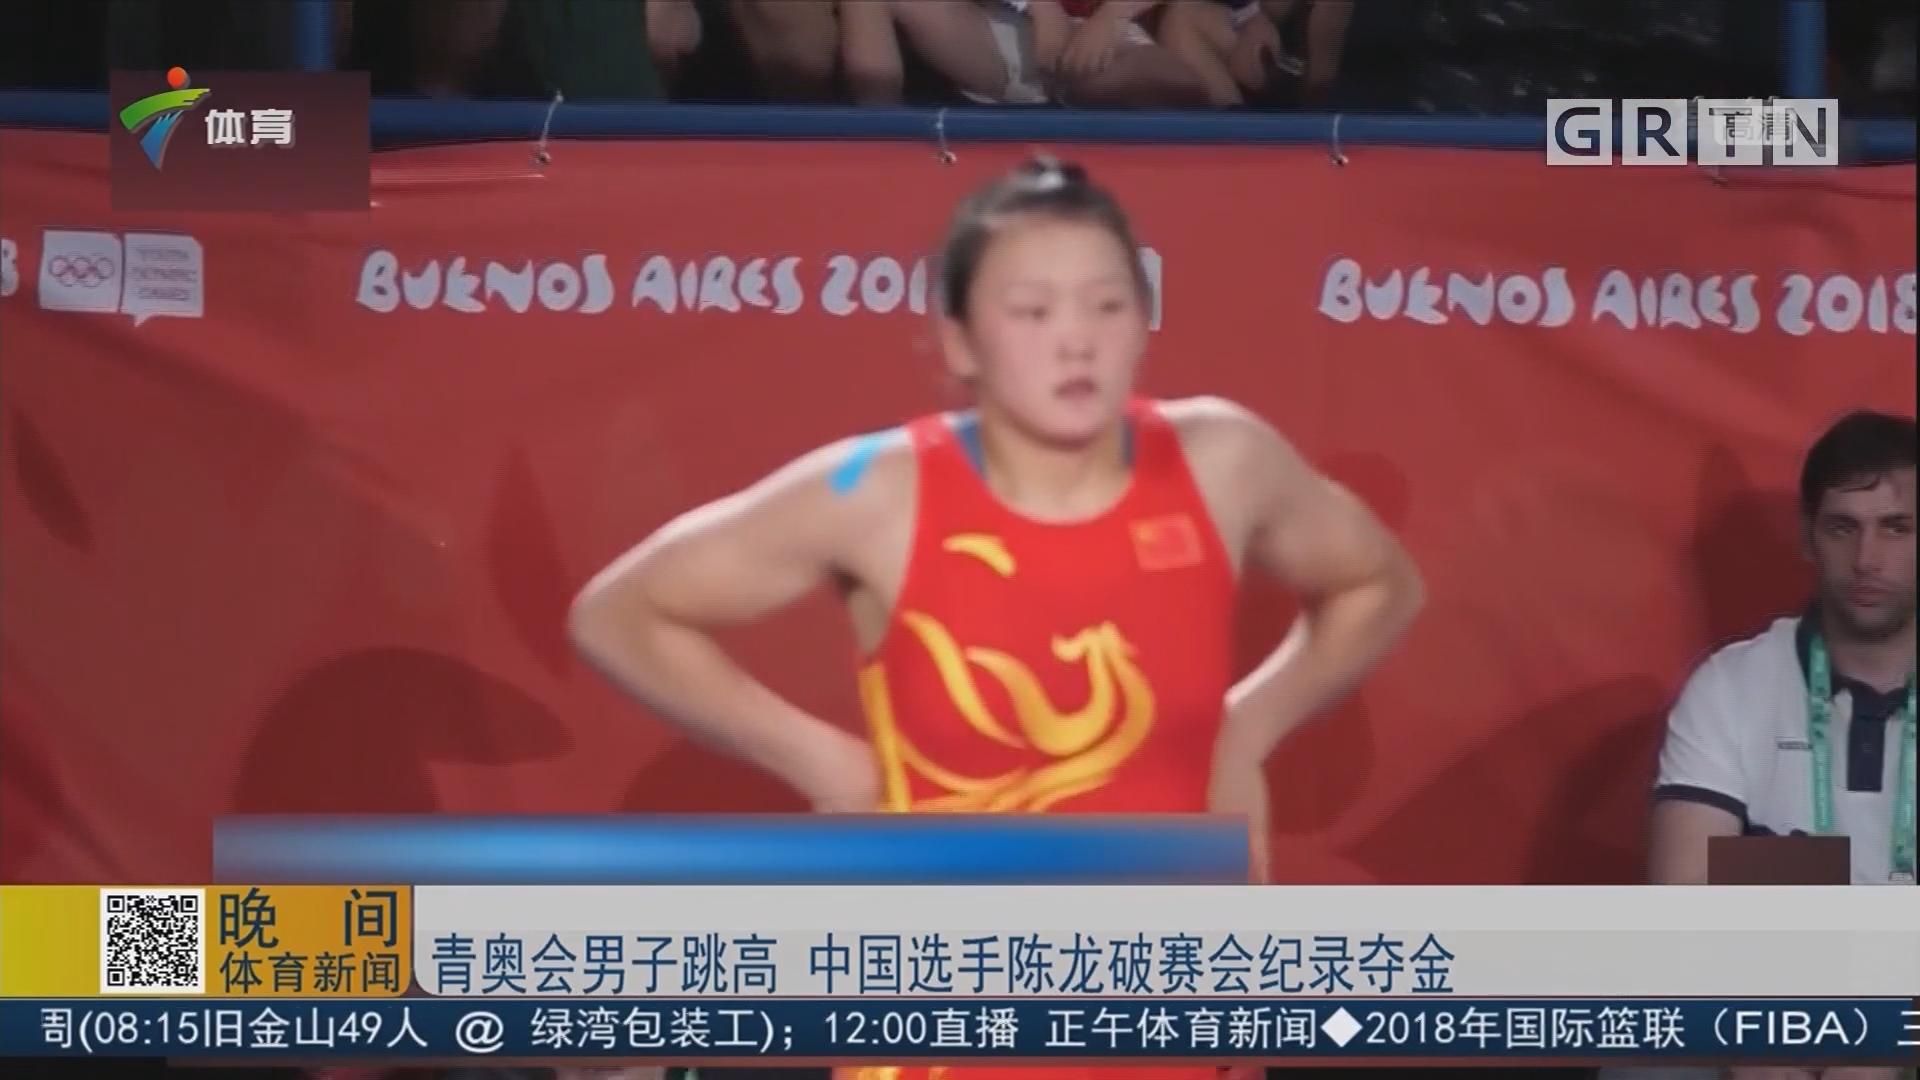 青奥会男子跳高 中国选手陈龙破赛会纪录夺金